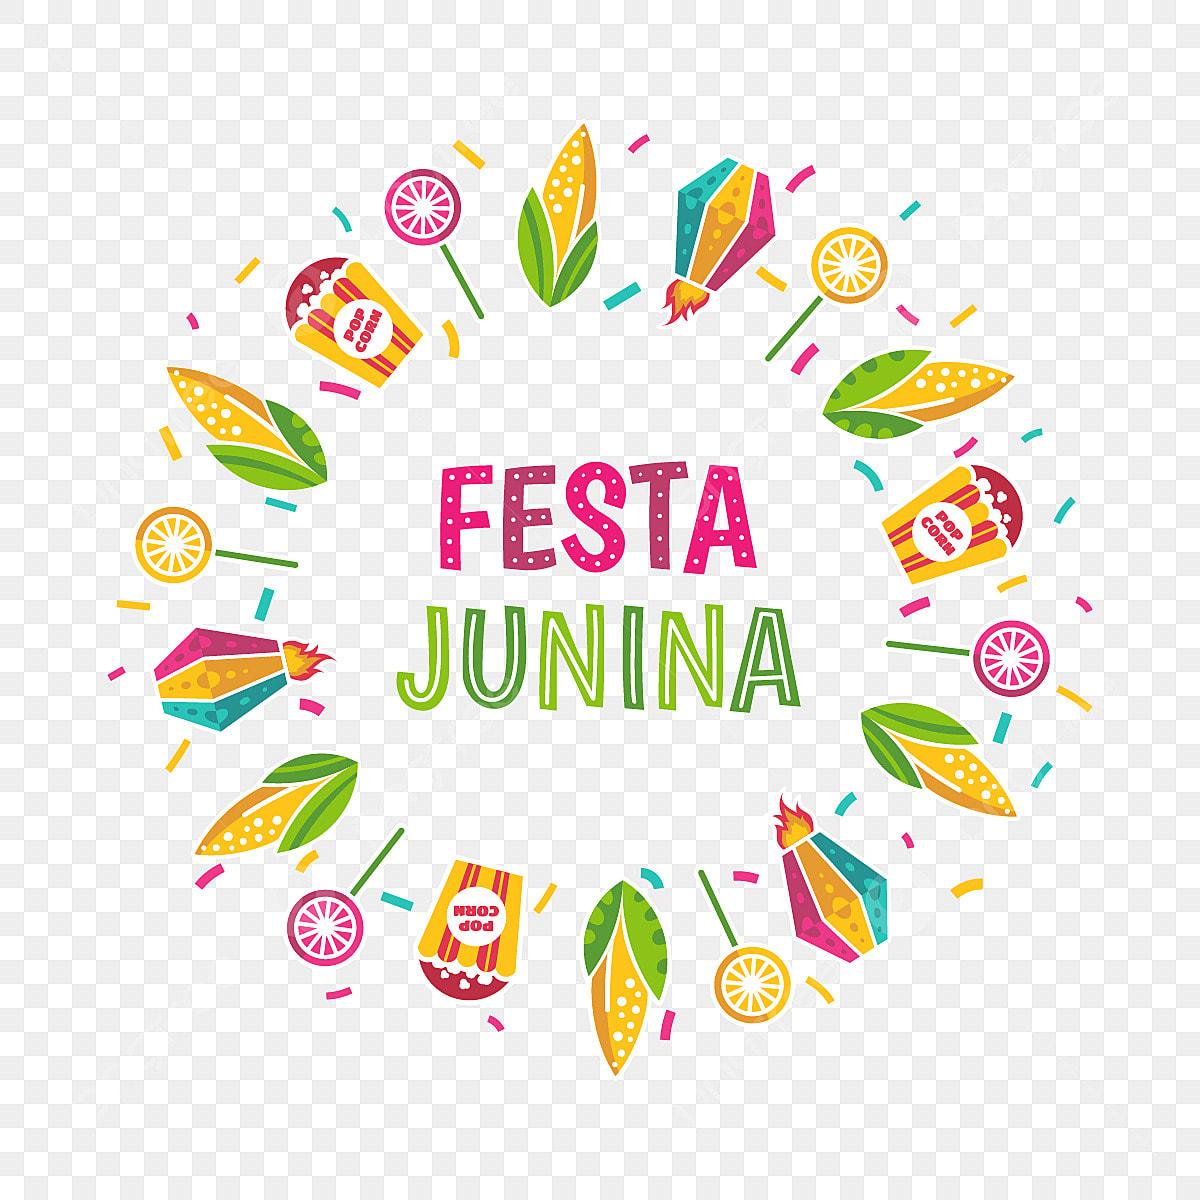 Festive Round Frame Design, Festa, Junina, June PNG and